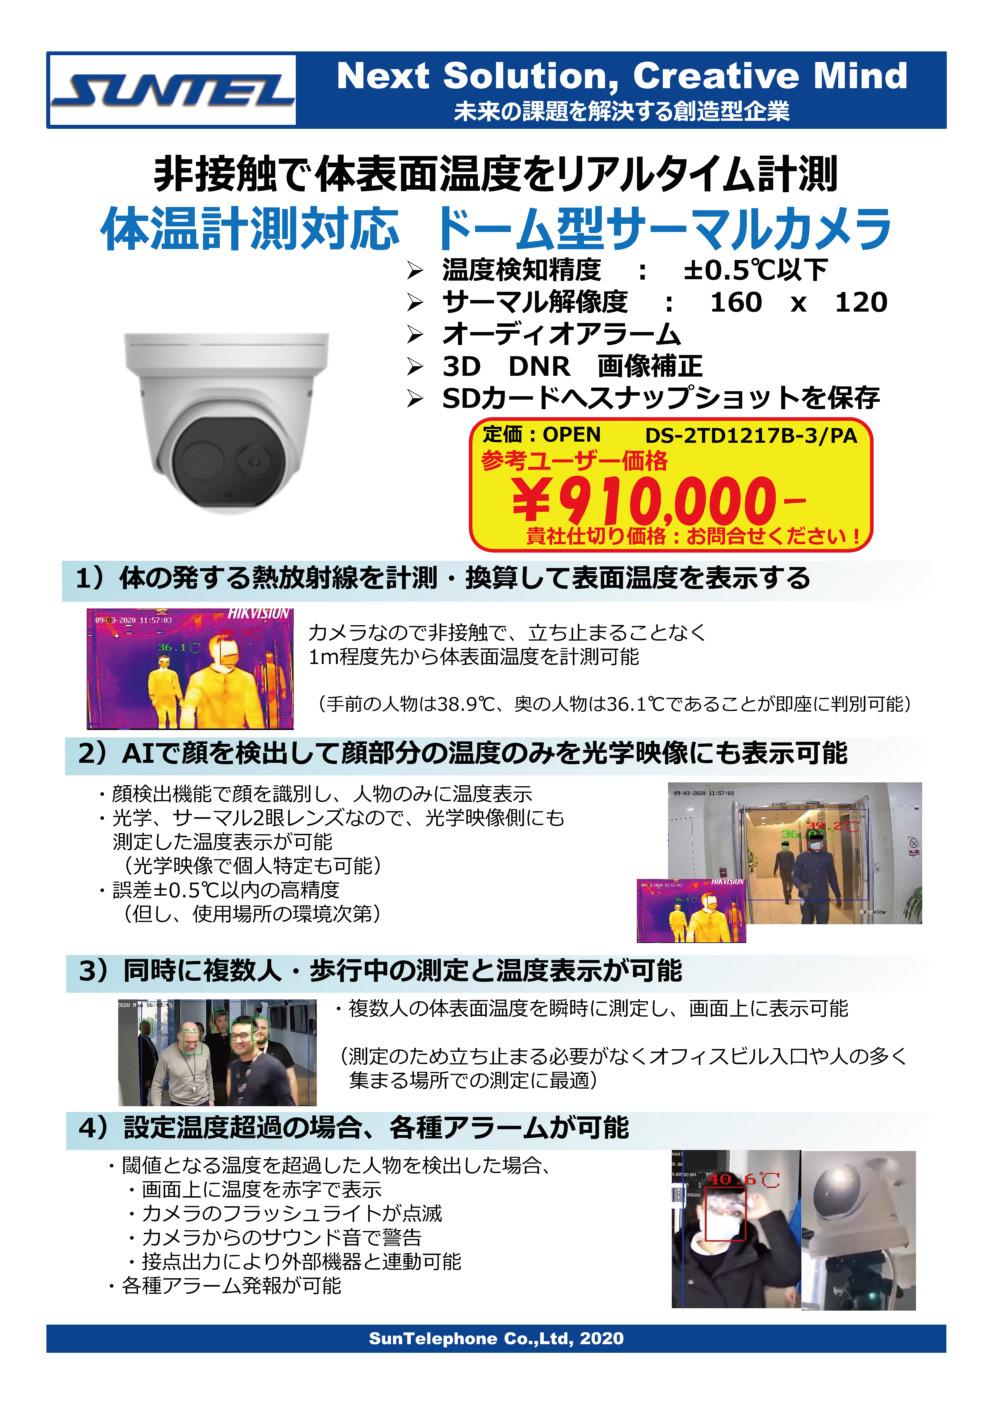 ドーム型サーマルカメラ